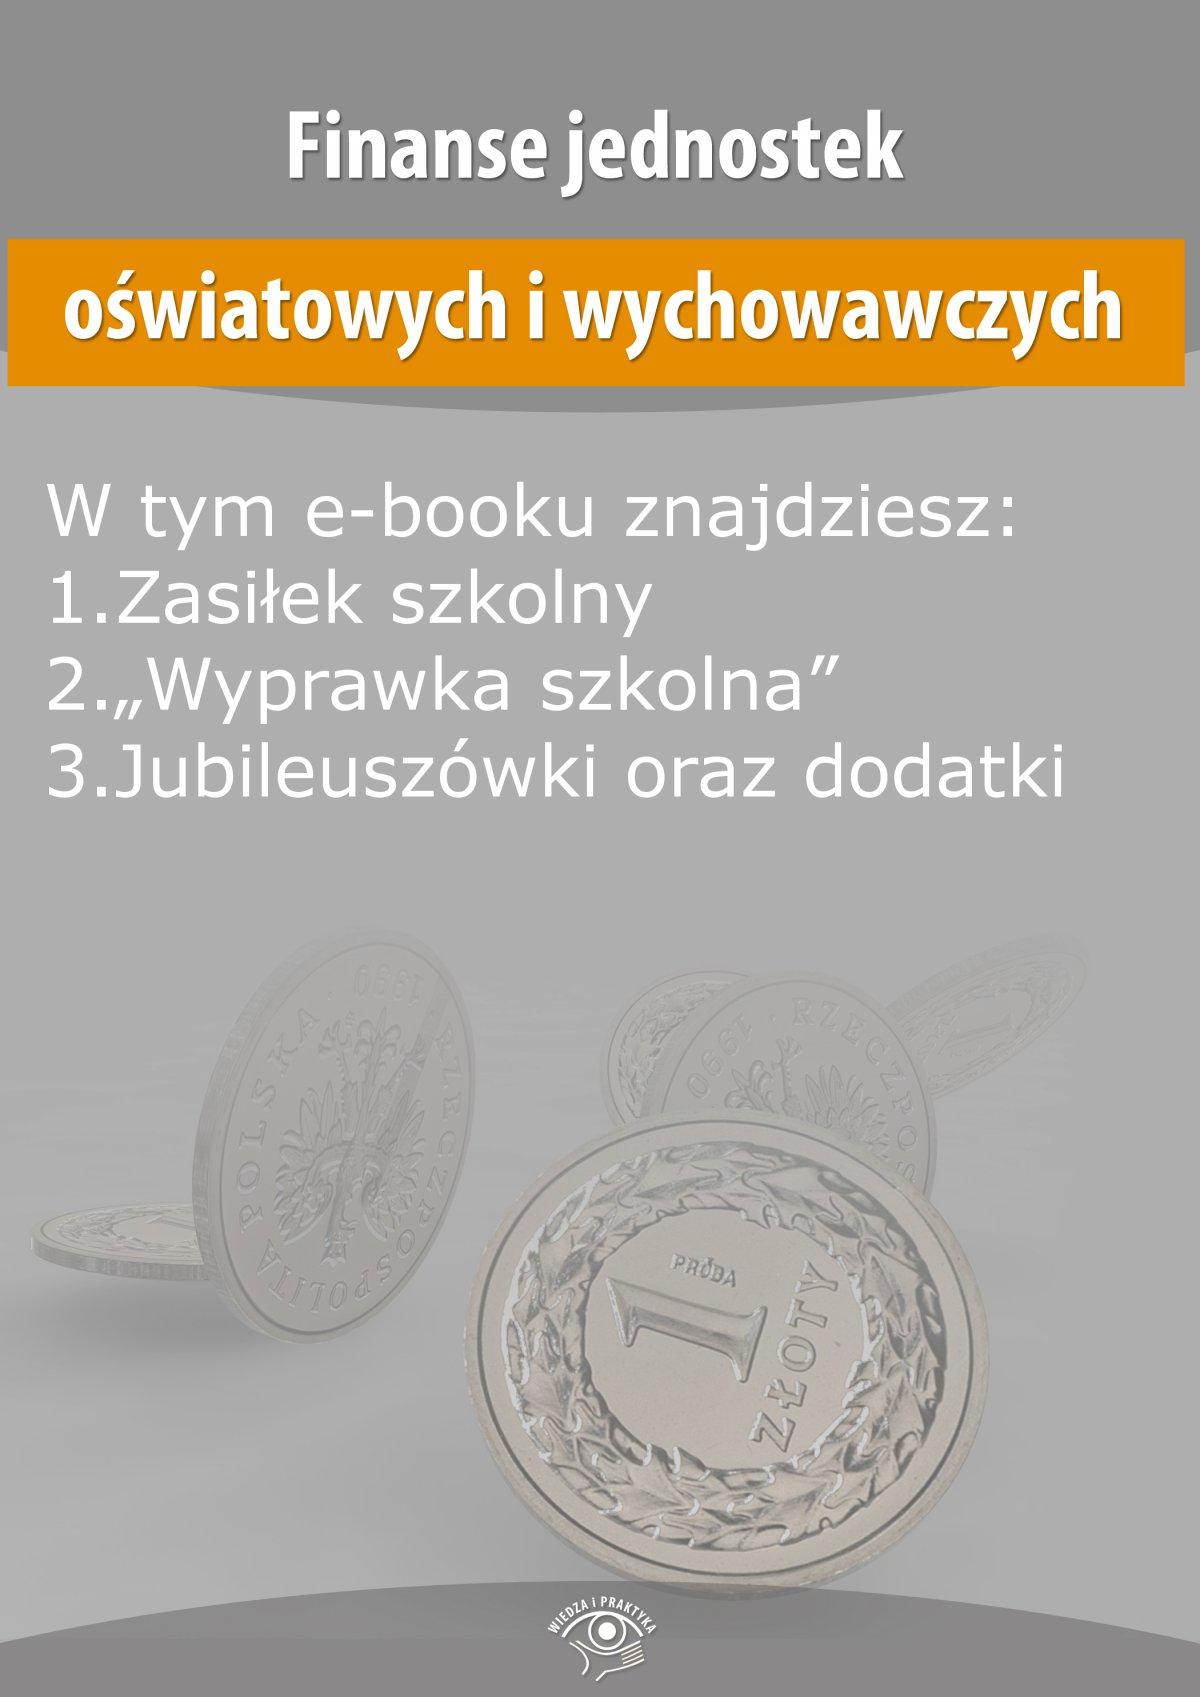 Finanse jednostek oświatowych i wychowawczych, wydanie czerwiec 2015 r. - Ebook (Książka EPUB) do pobrania w formacie EPUB